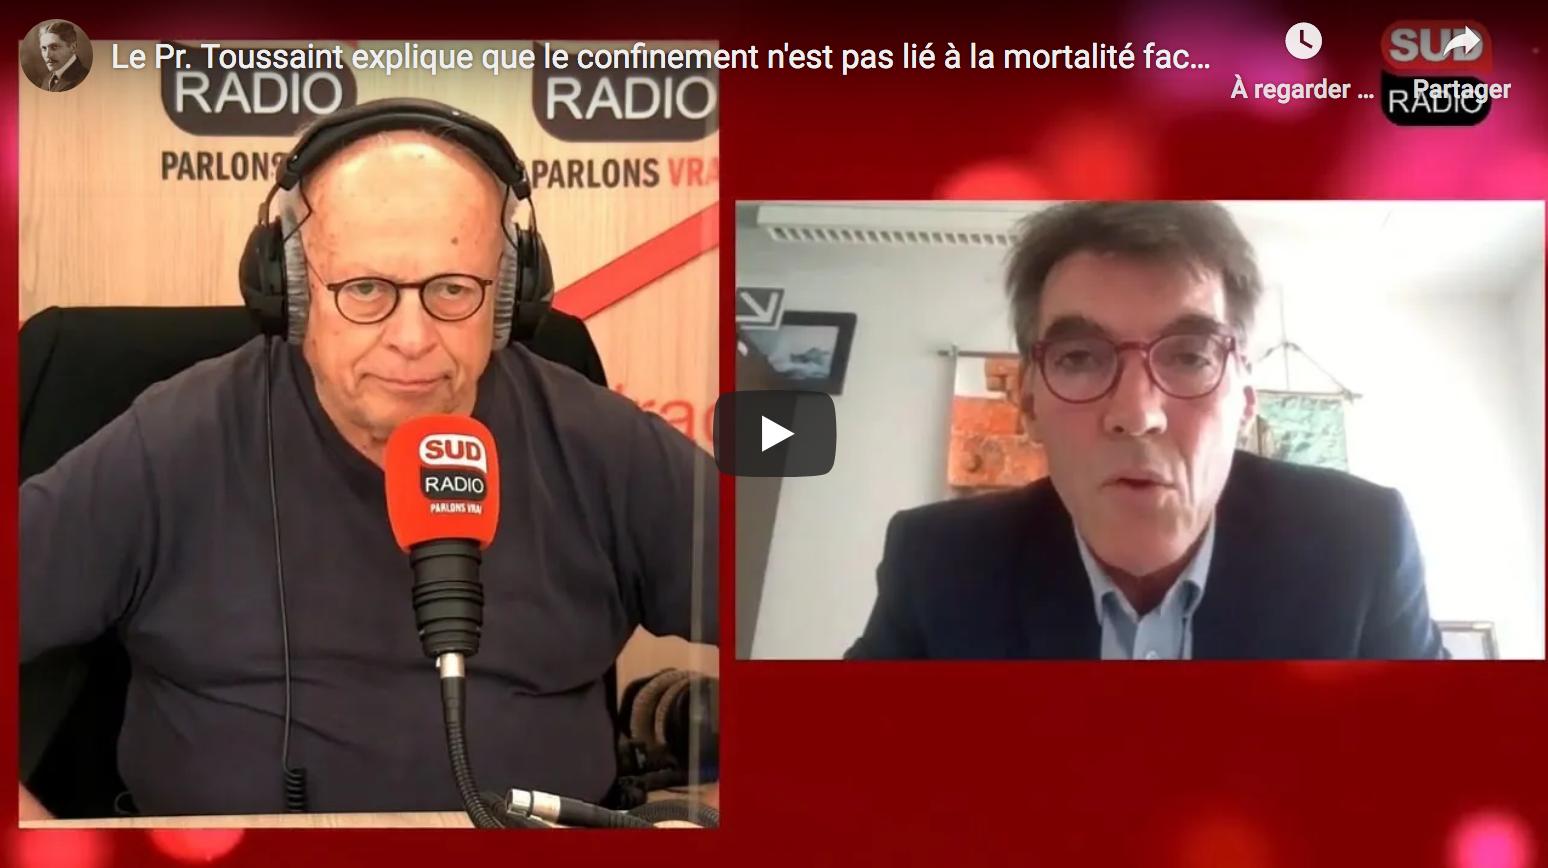 Le Pr Jean-François Toussaint explique que le confinement n'est pas lié à la mortalité, étude à l'appui (VIDÉO)